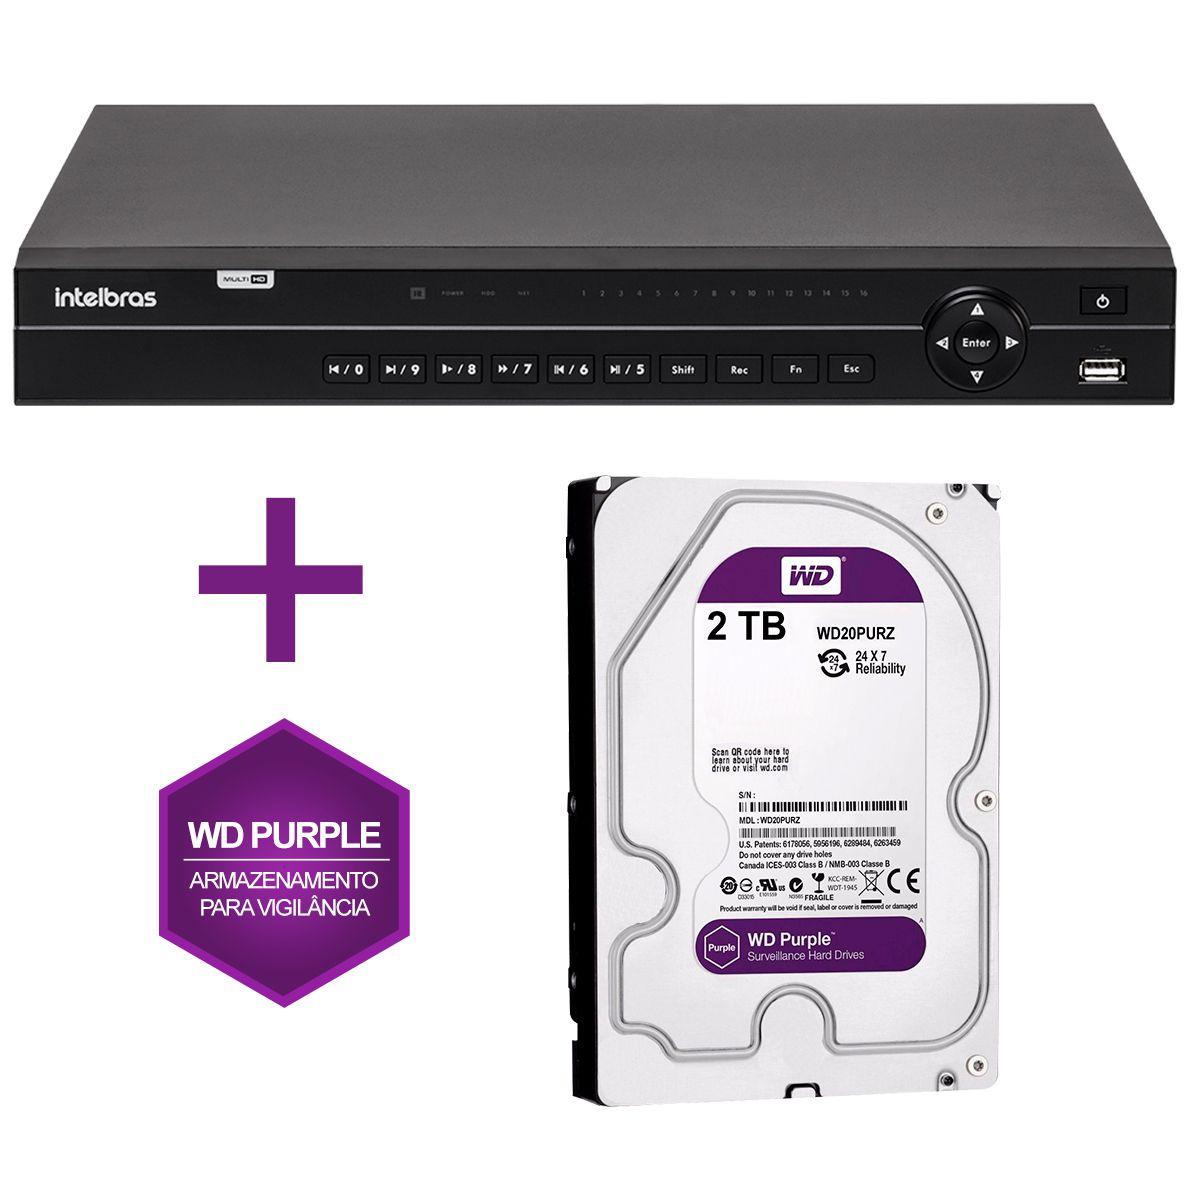 DVR Stand Alone Multi HD Intelbras 1032 32 Canais + HD 2TB WD Purple de CFTV (Não instalado)  - Tudo Forte